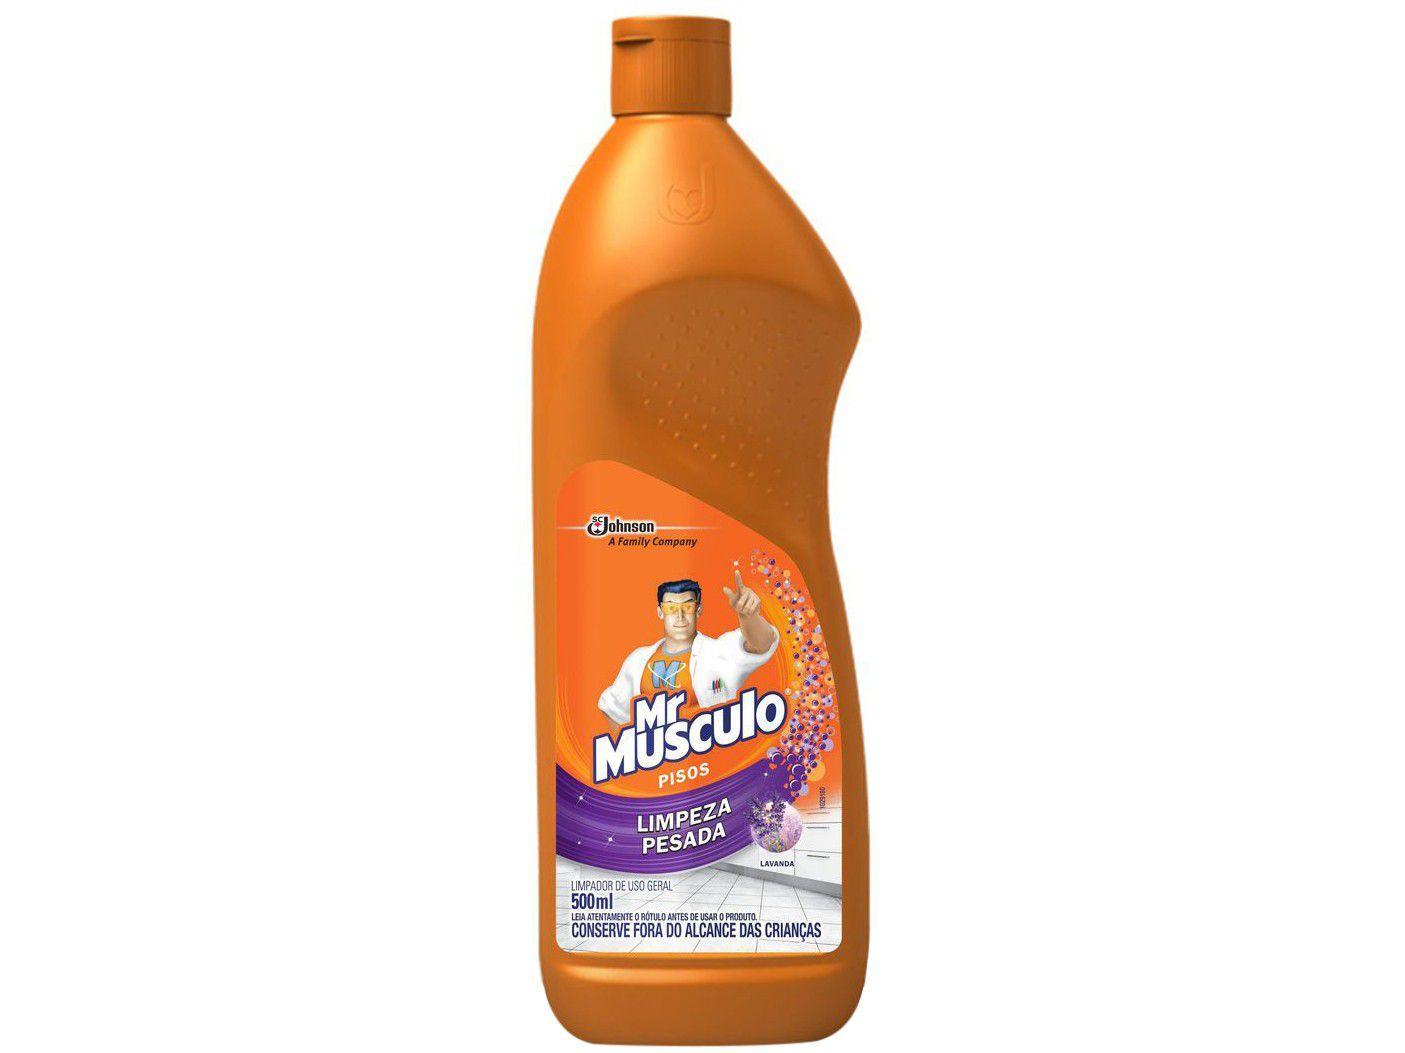 Limpador para Piso Mr Músculo Limpeza Pesada - 500ml